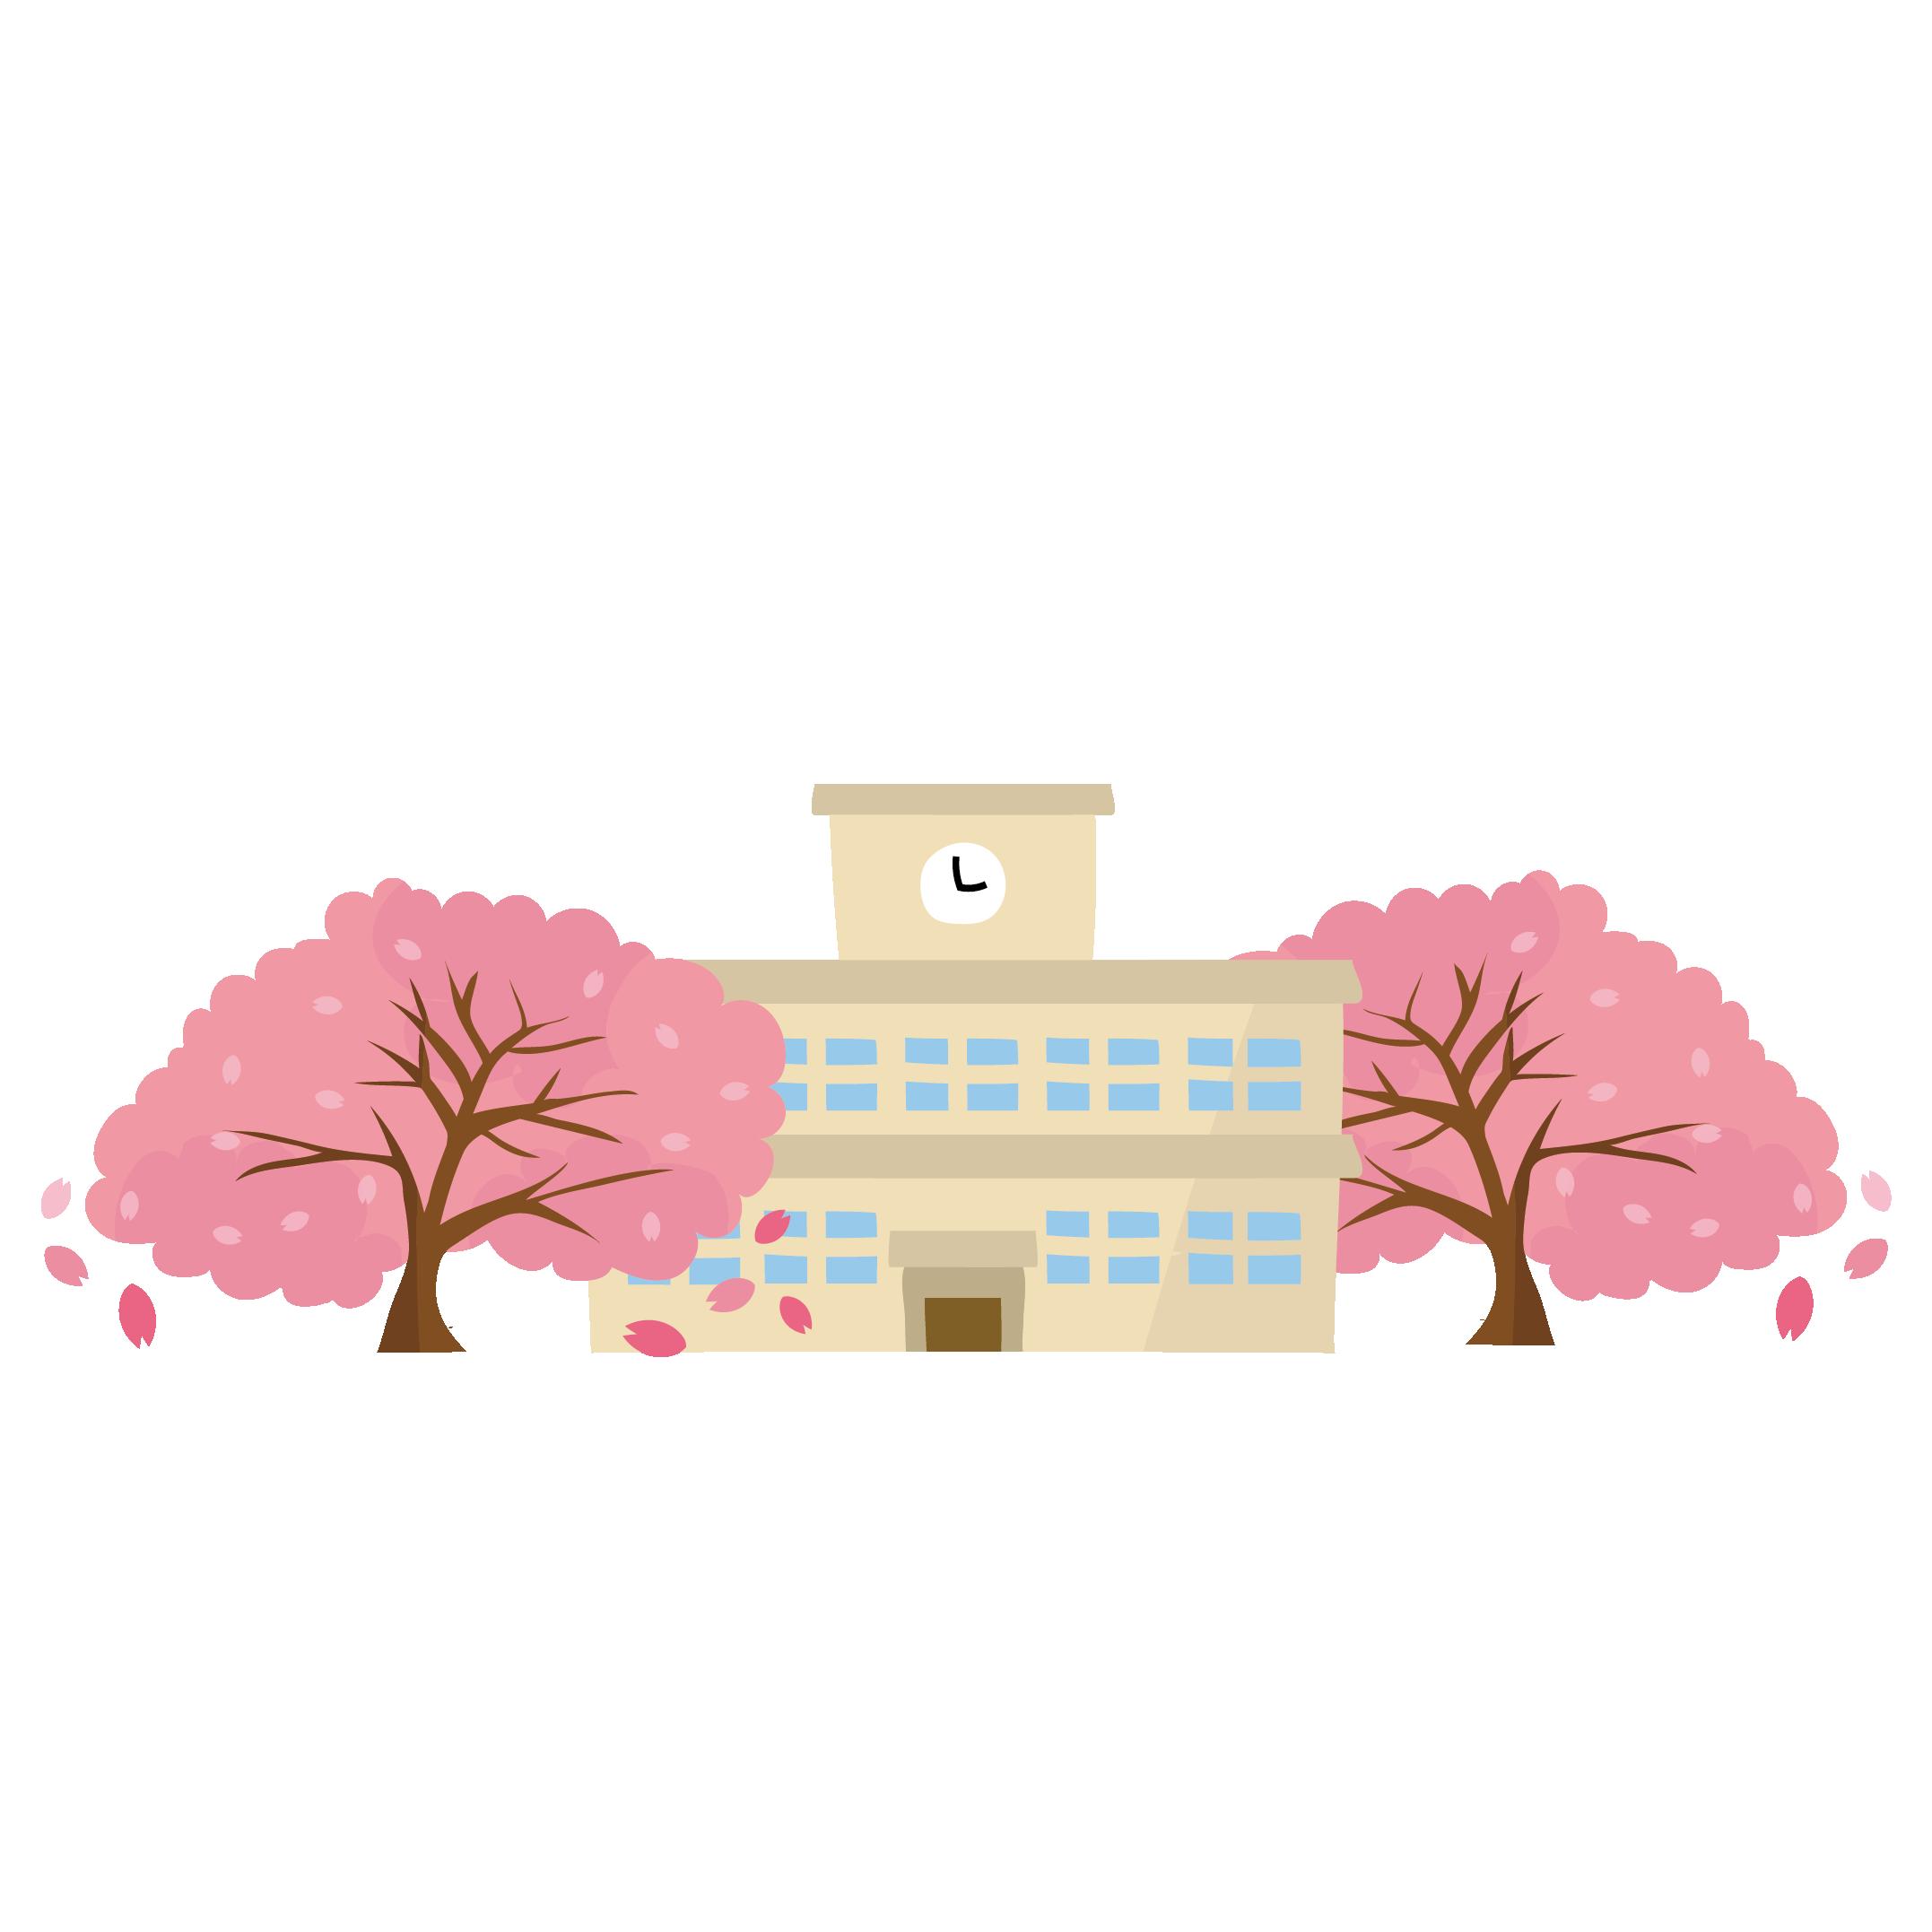 卒業式の日の学校と桜のイラスト | 商用フリー(無料)のイラスト素材